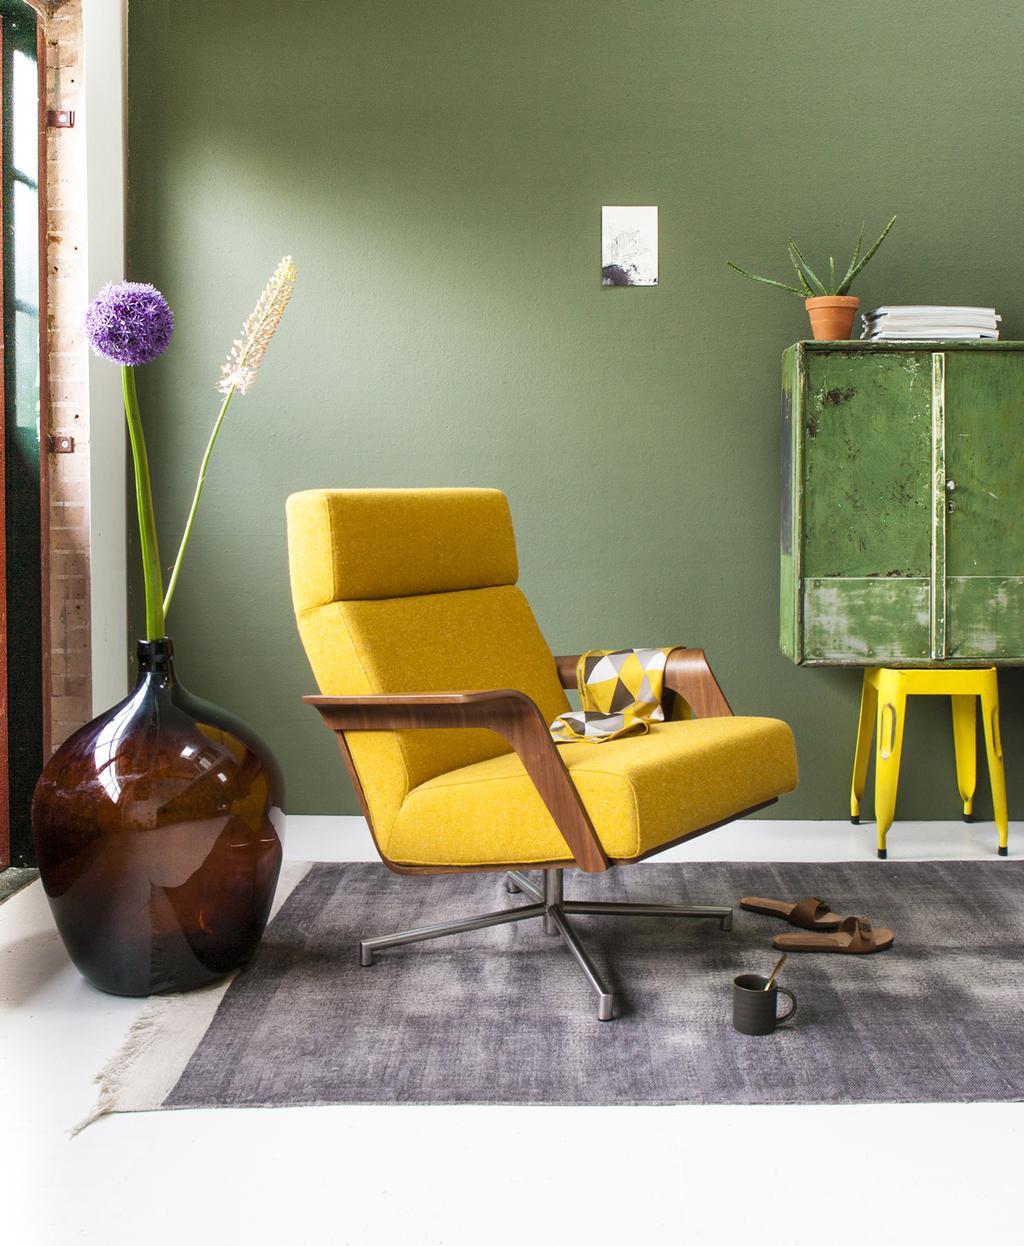 Gele stoel in een groen interieur als echte eyecatcher.